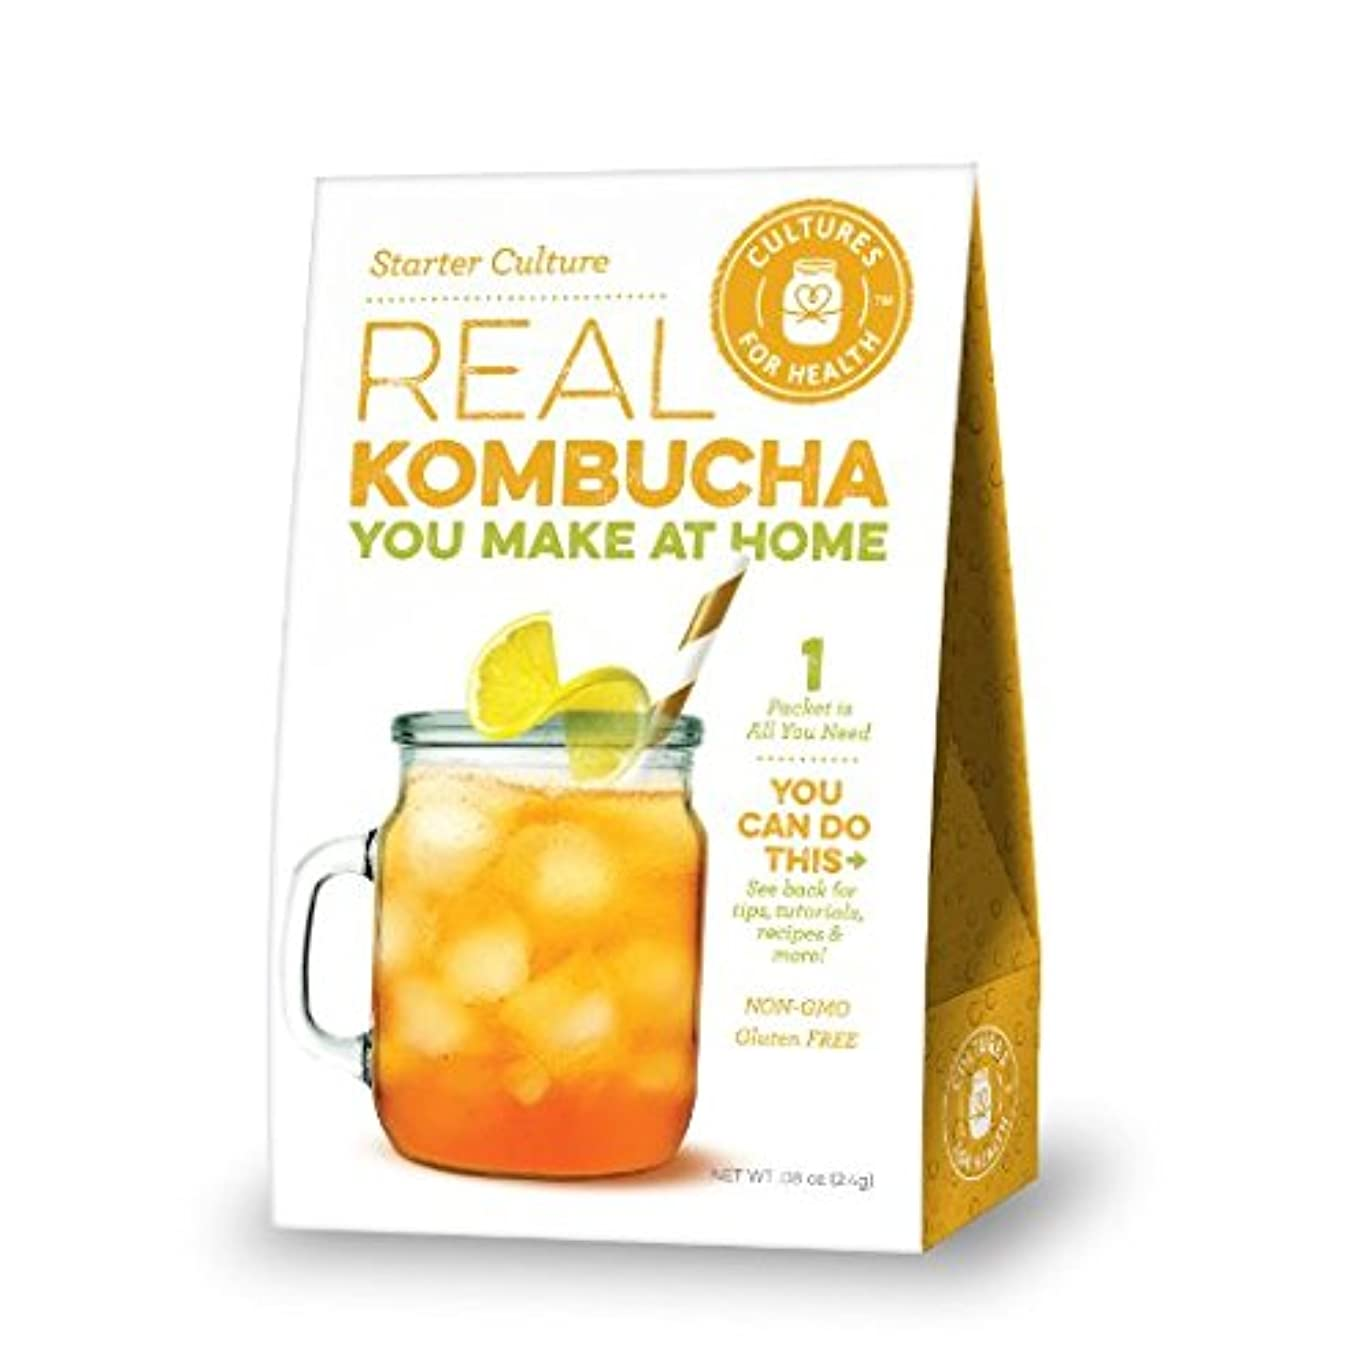 委託迫害時代遅れ日本でも大ヒットのKombucha 紅茶キノコダイエット 日本非売品を並行輸入(海外直送品) (紅茶キノコをお家で培養(菌の販売) [並行輸入品]